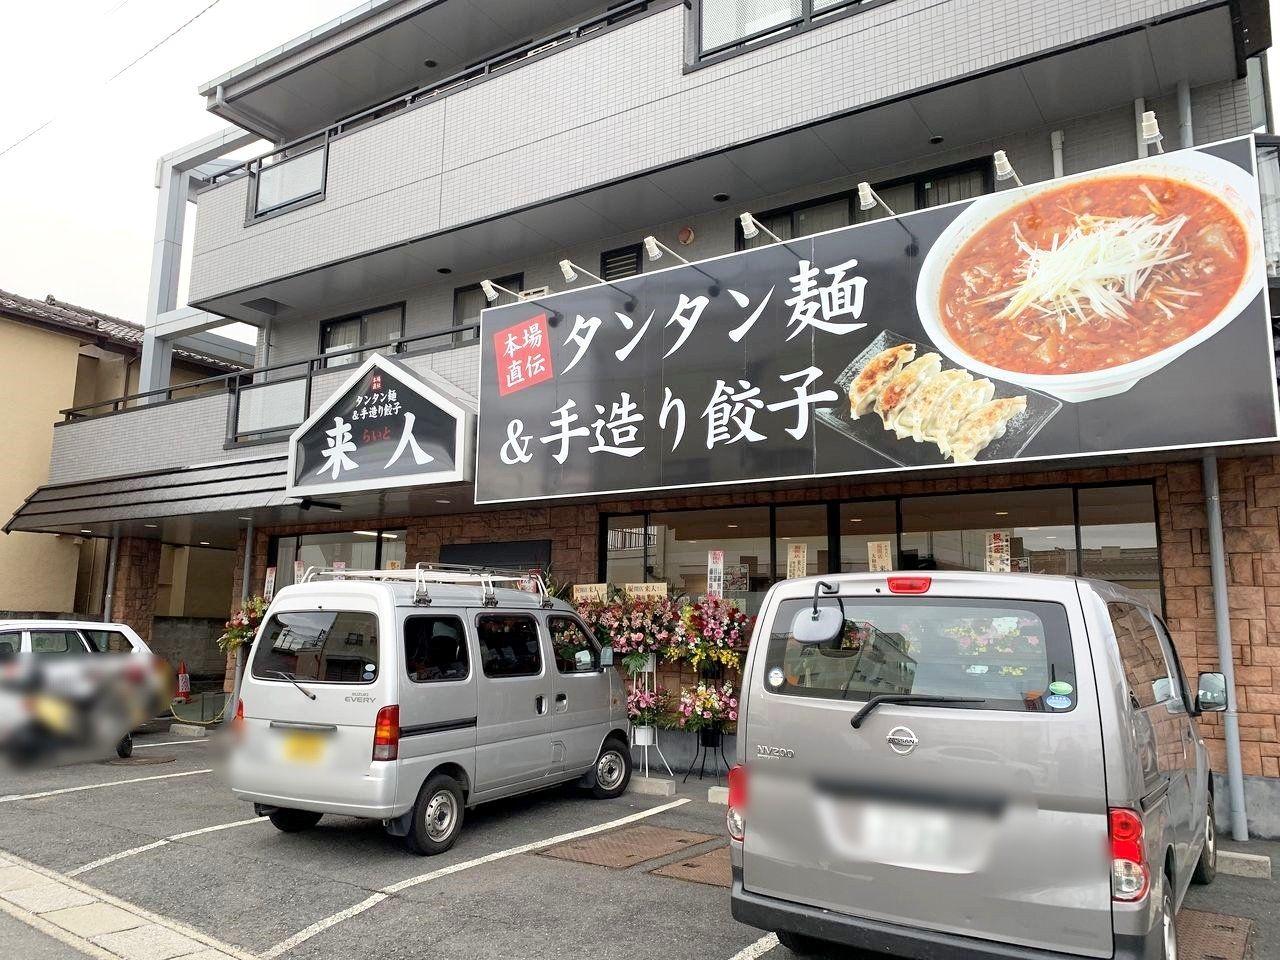 【三郷市食べ歩きブログ】1月15日にオープンした三郷市戸ケ崎3丁目のタンタン麺&手造り餃子の店「来人」さんへ行ってきました!